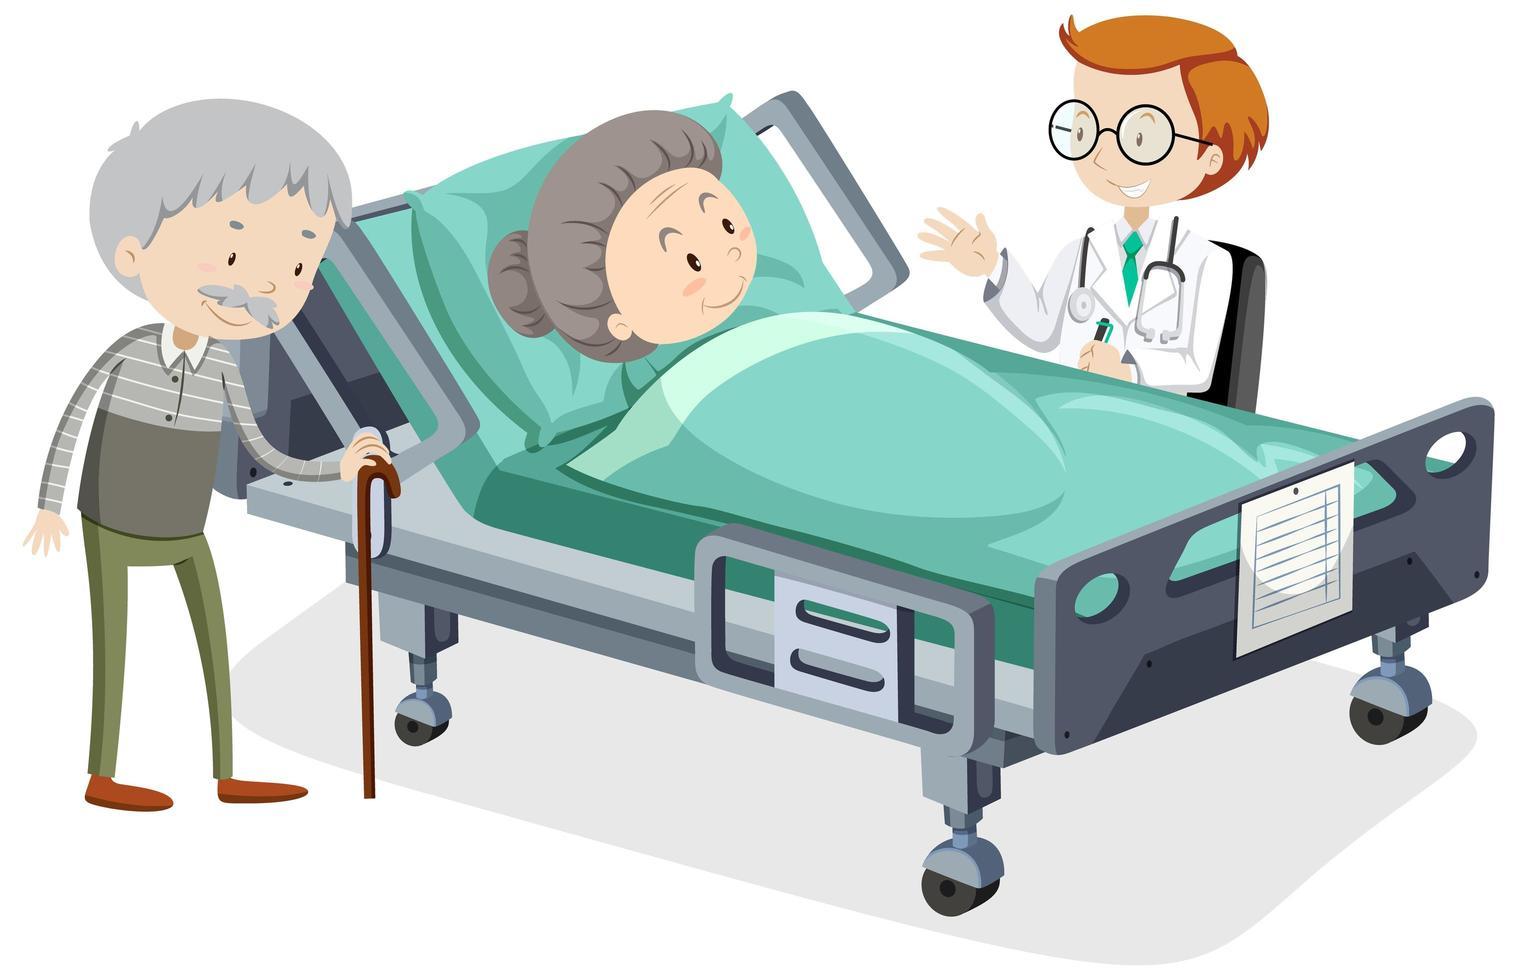 alte Frau im Krankenhausbett vektor